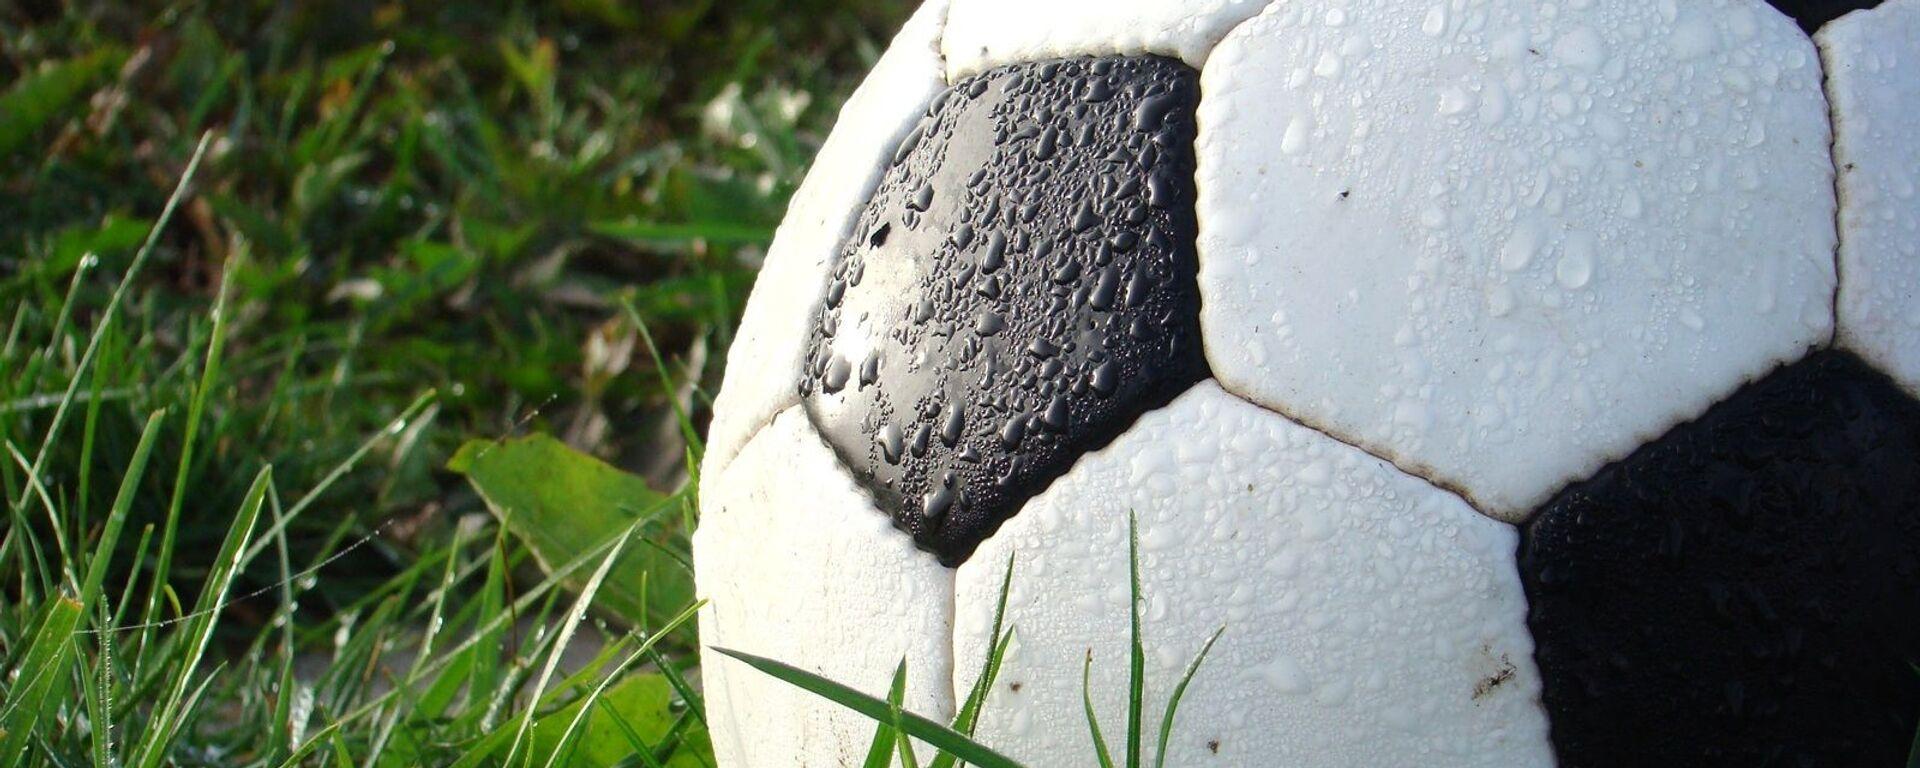 Футбольный мяч - Sputnik Латвия, 1920, 12.01.2021